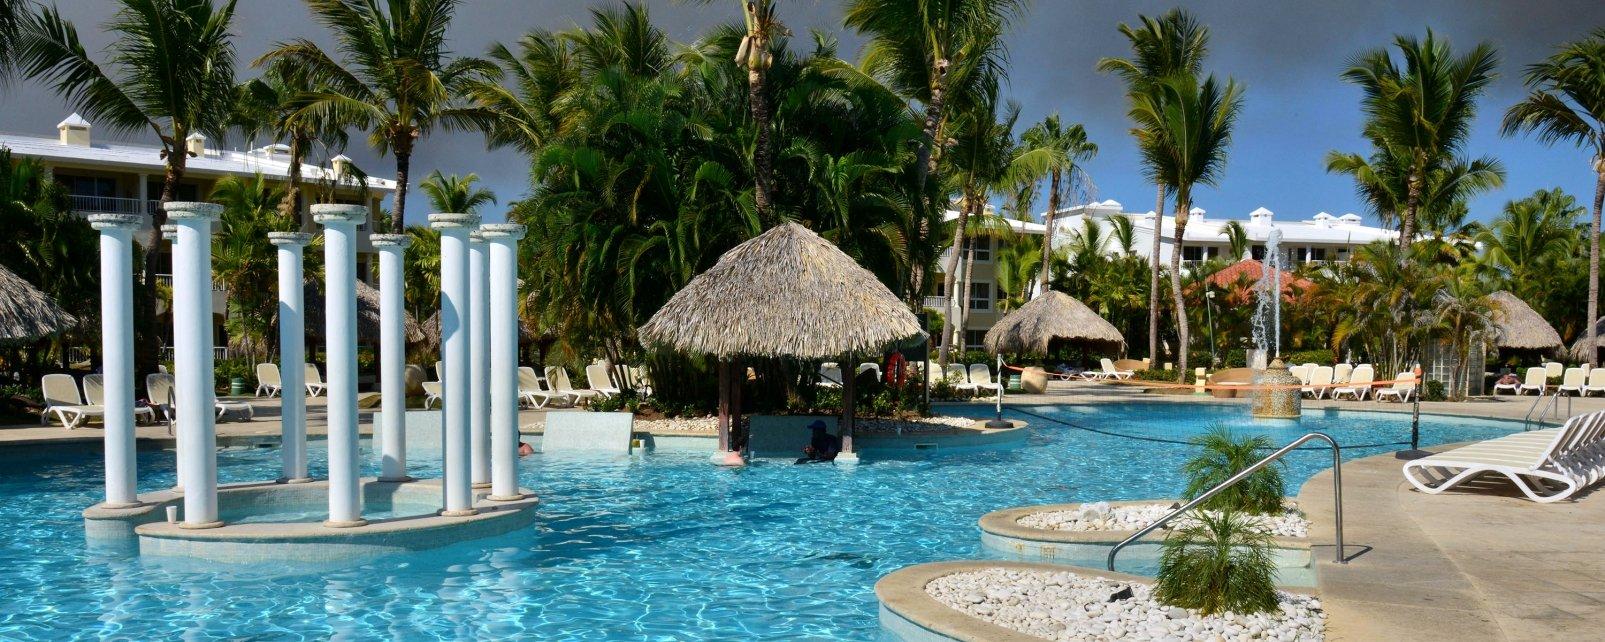 Hotel Melia Caribe Tropical Punta Cana Dominikanische Republik